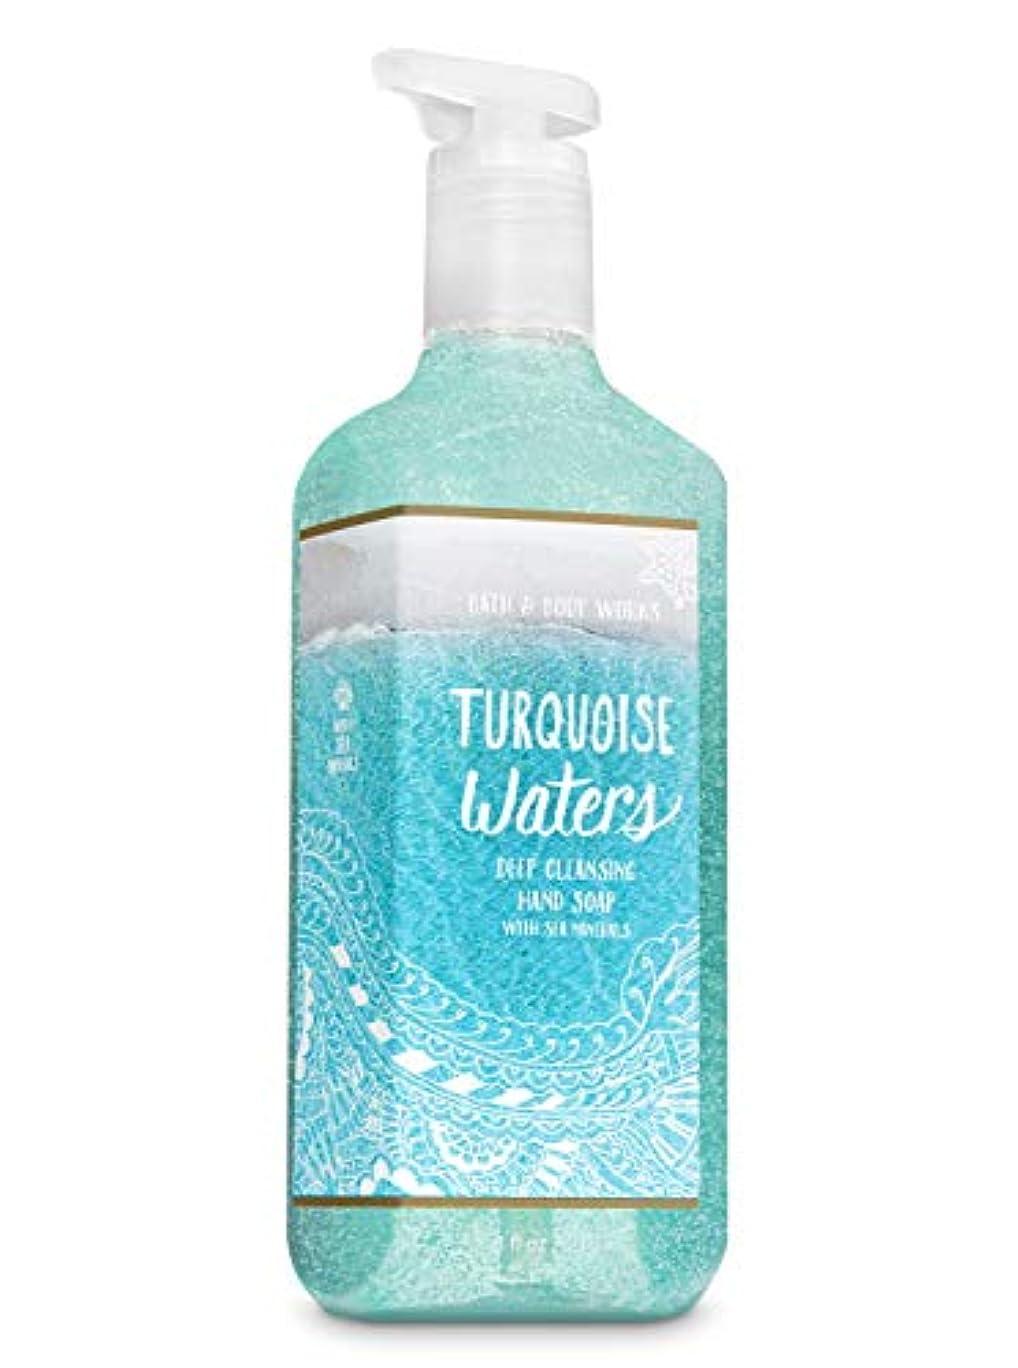 フレットジーンズ密輸バス&ボディワークス ターコイズウォーター ディープクレンジングハンドソープ Turquoise Waters Deep Cleansing Hand Soap